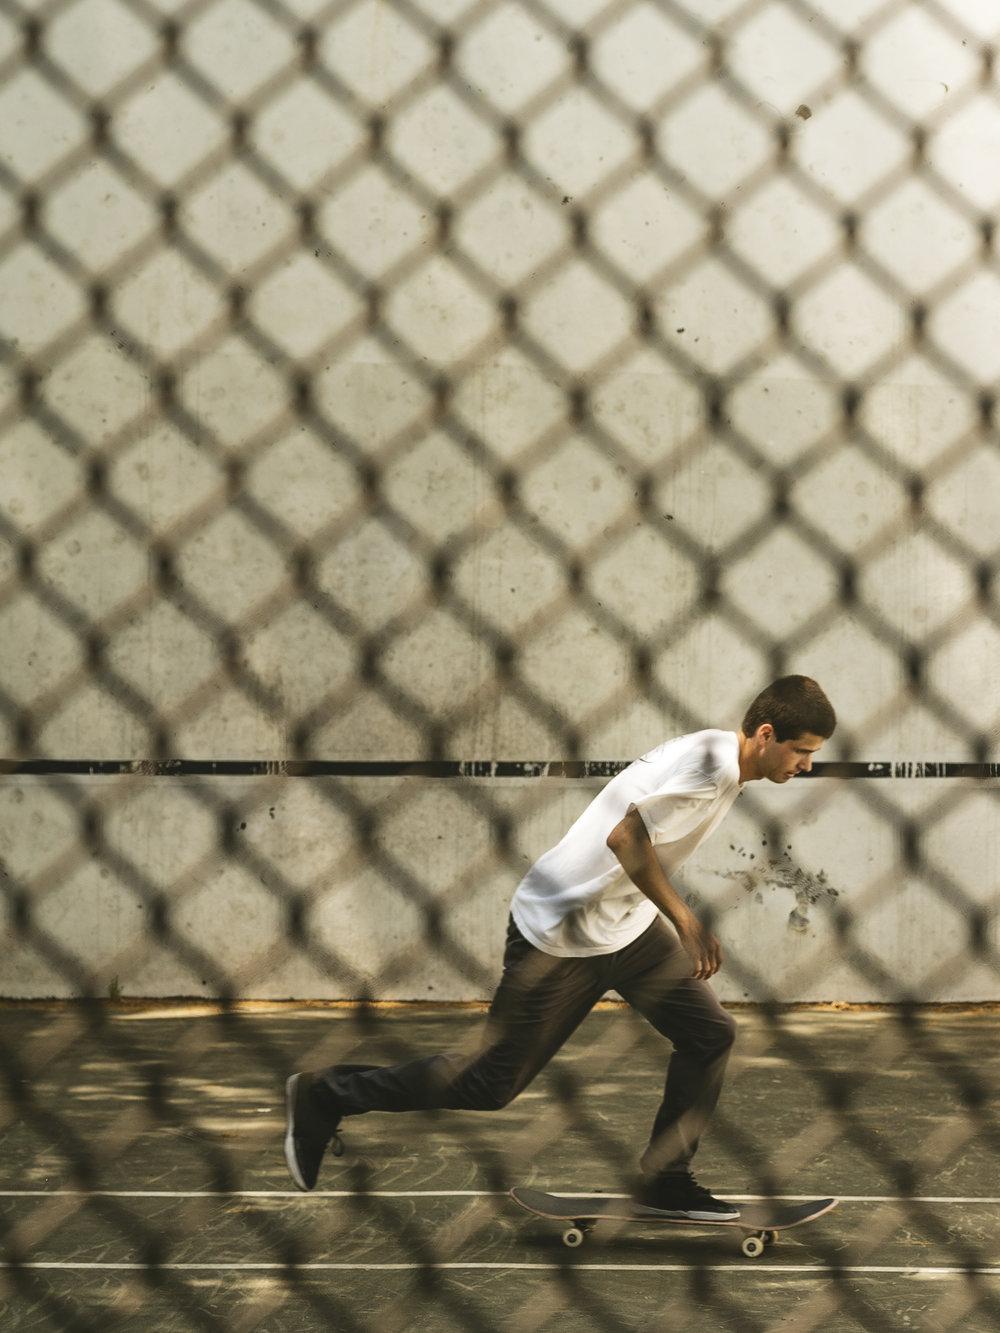 Skateboarding-1.jpg